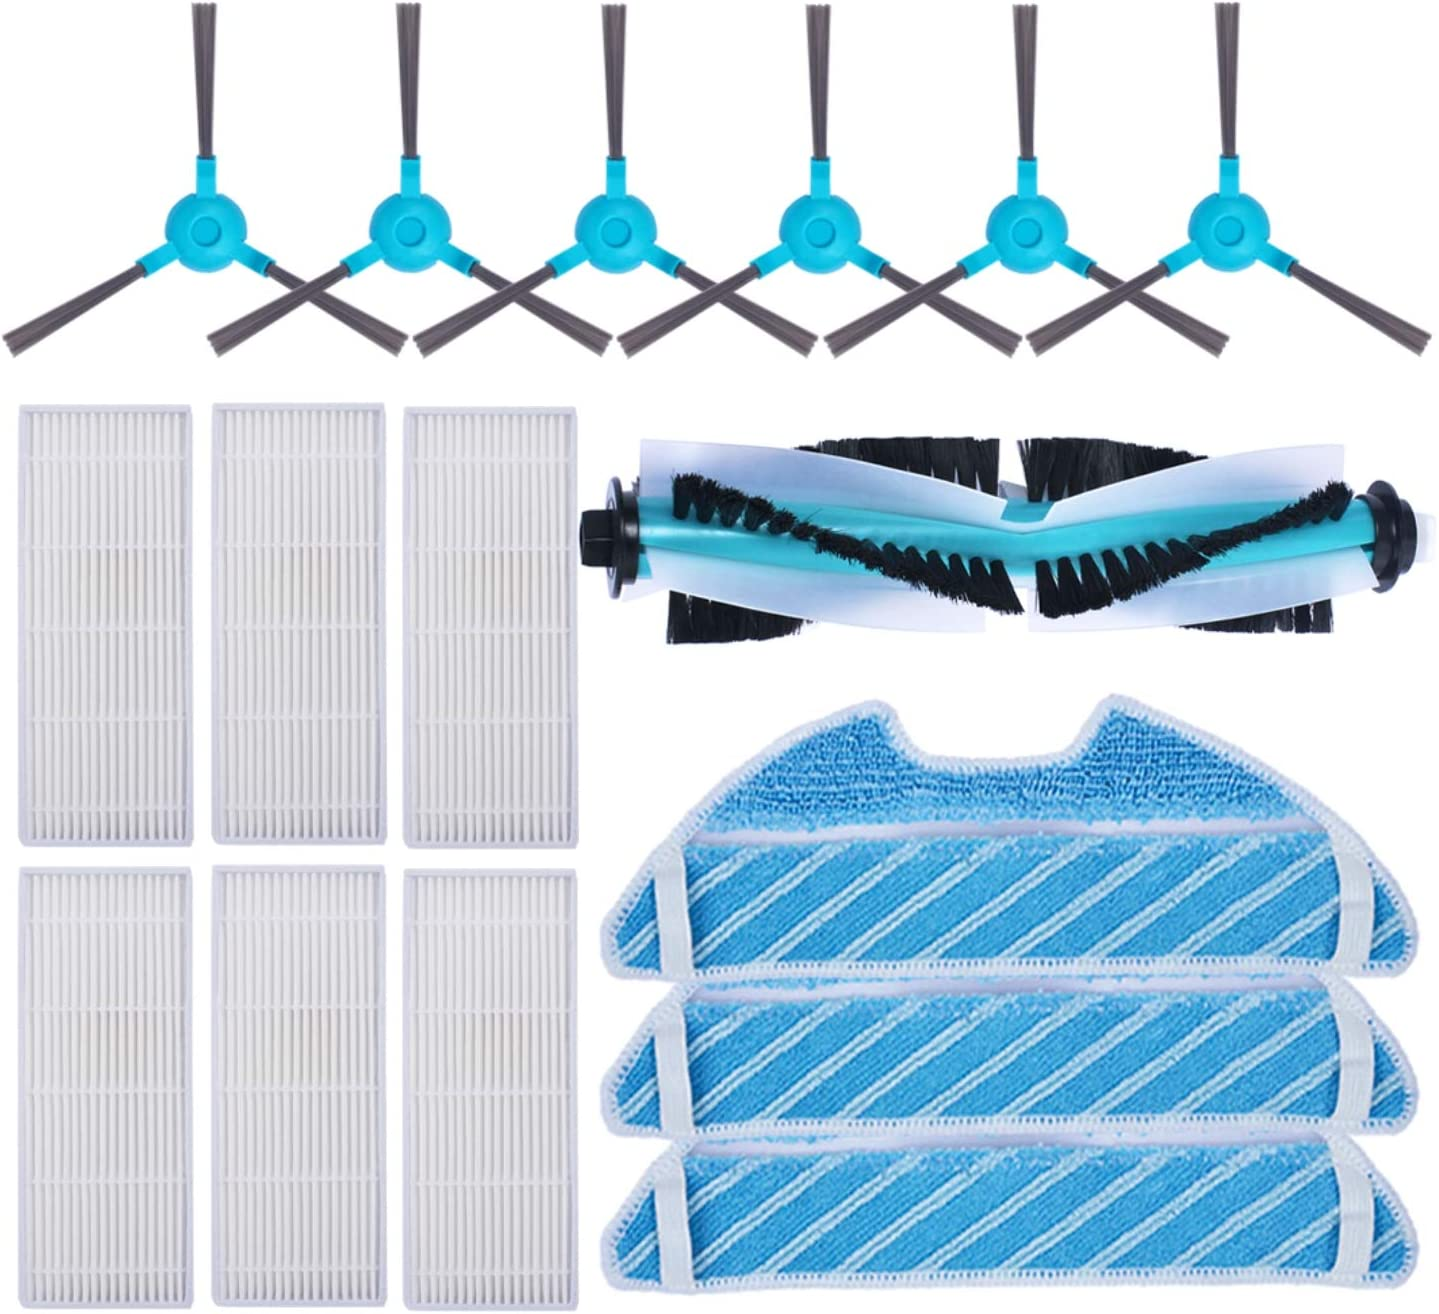 KEEPOW Kit Accesorios de Recambio para Cecotec Conga Excellence 1290/1390 Robot Aspiradora, Material Premium, Pack Familiar de 6 Cepillos Laterales+ 6 Filtros + 3 Mopas + 1 Cepillo Principal